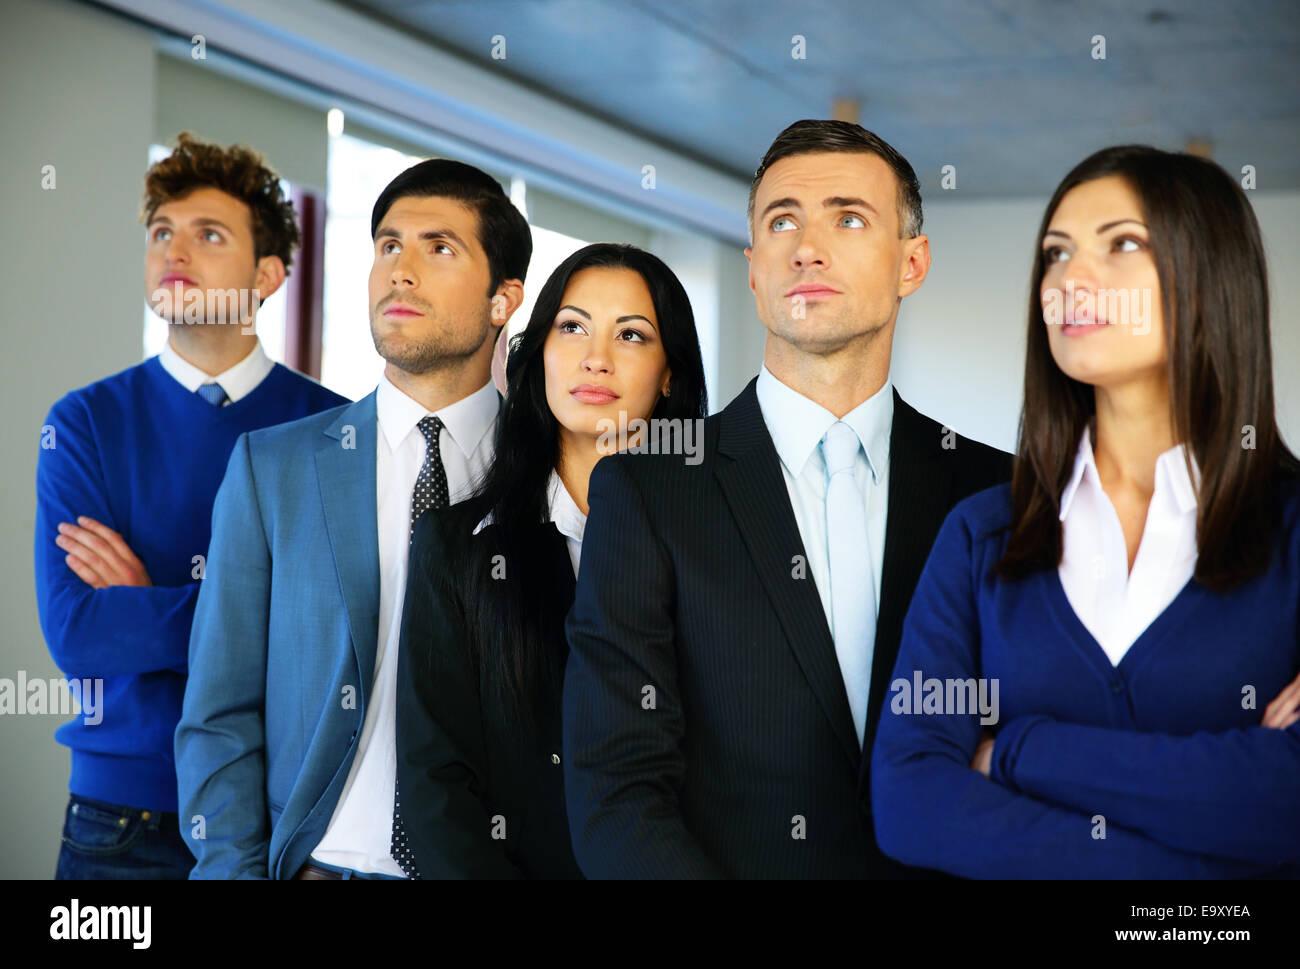 Groupe de gens d'affaires dans le bureau. Regarder vers le haut. Photo Stock